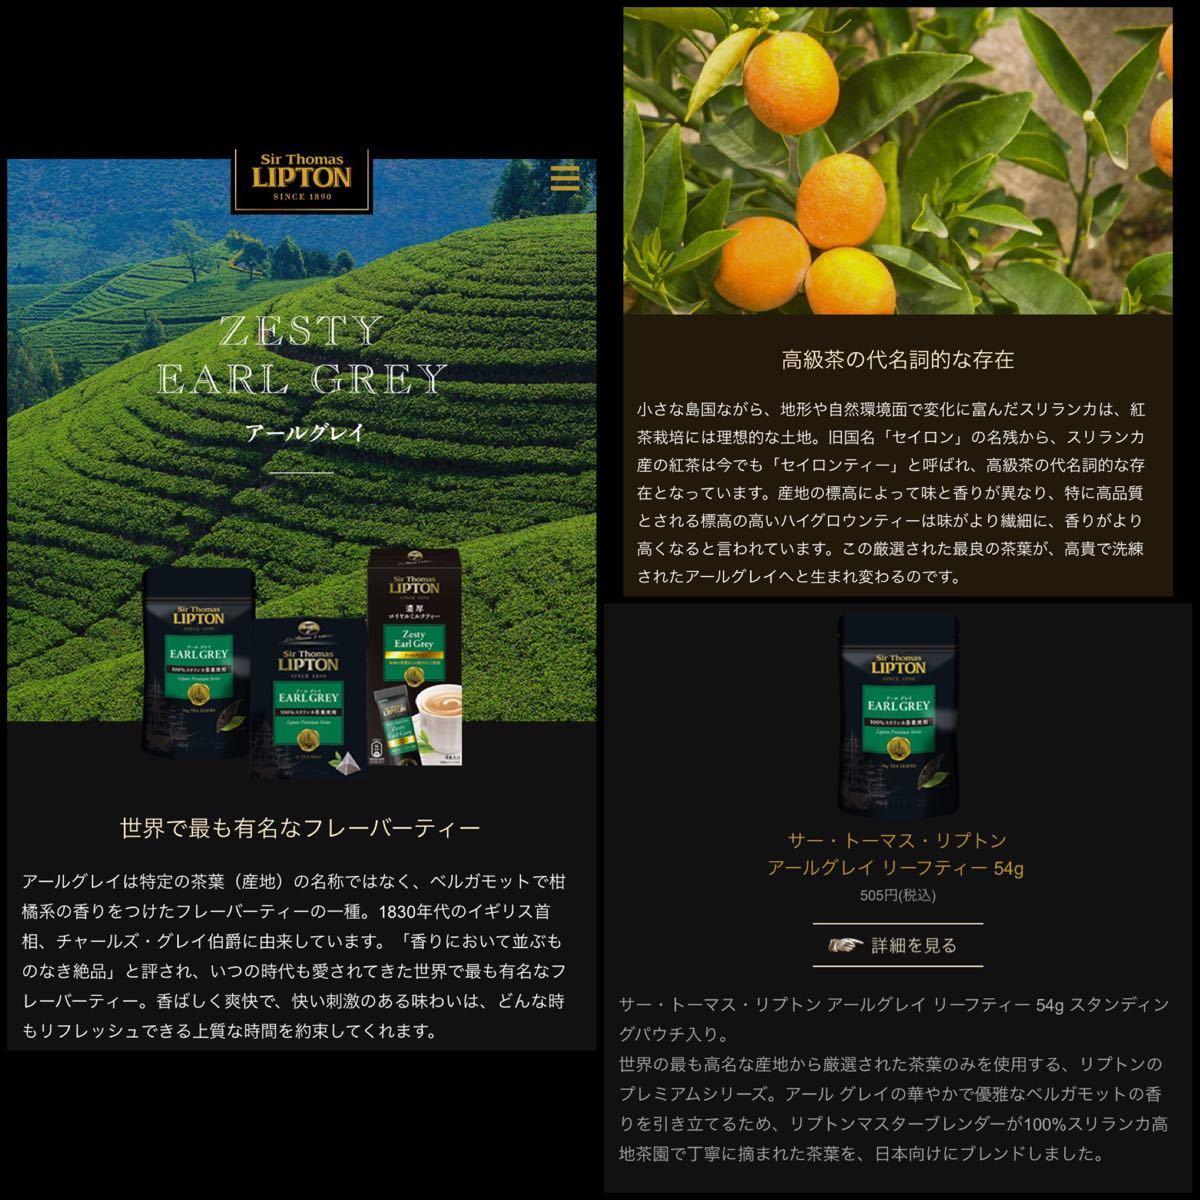 紅茶 リプトン LIPTON アールグレイ 3030円分 紅茶葉 お菓子作り